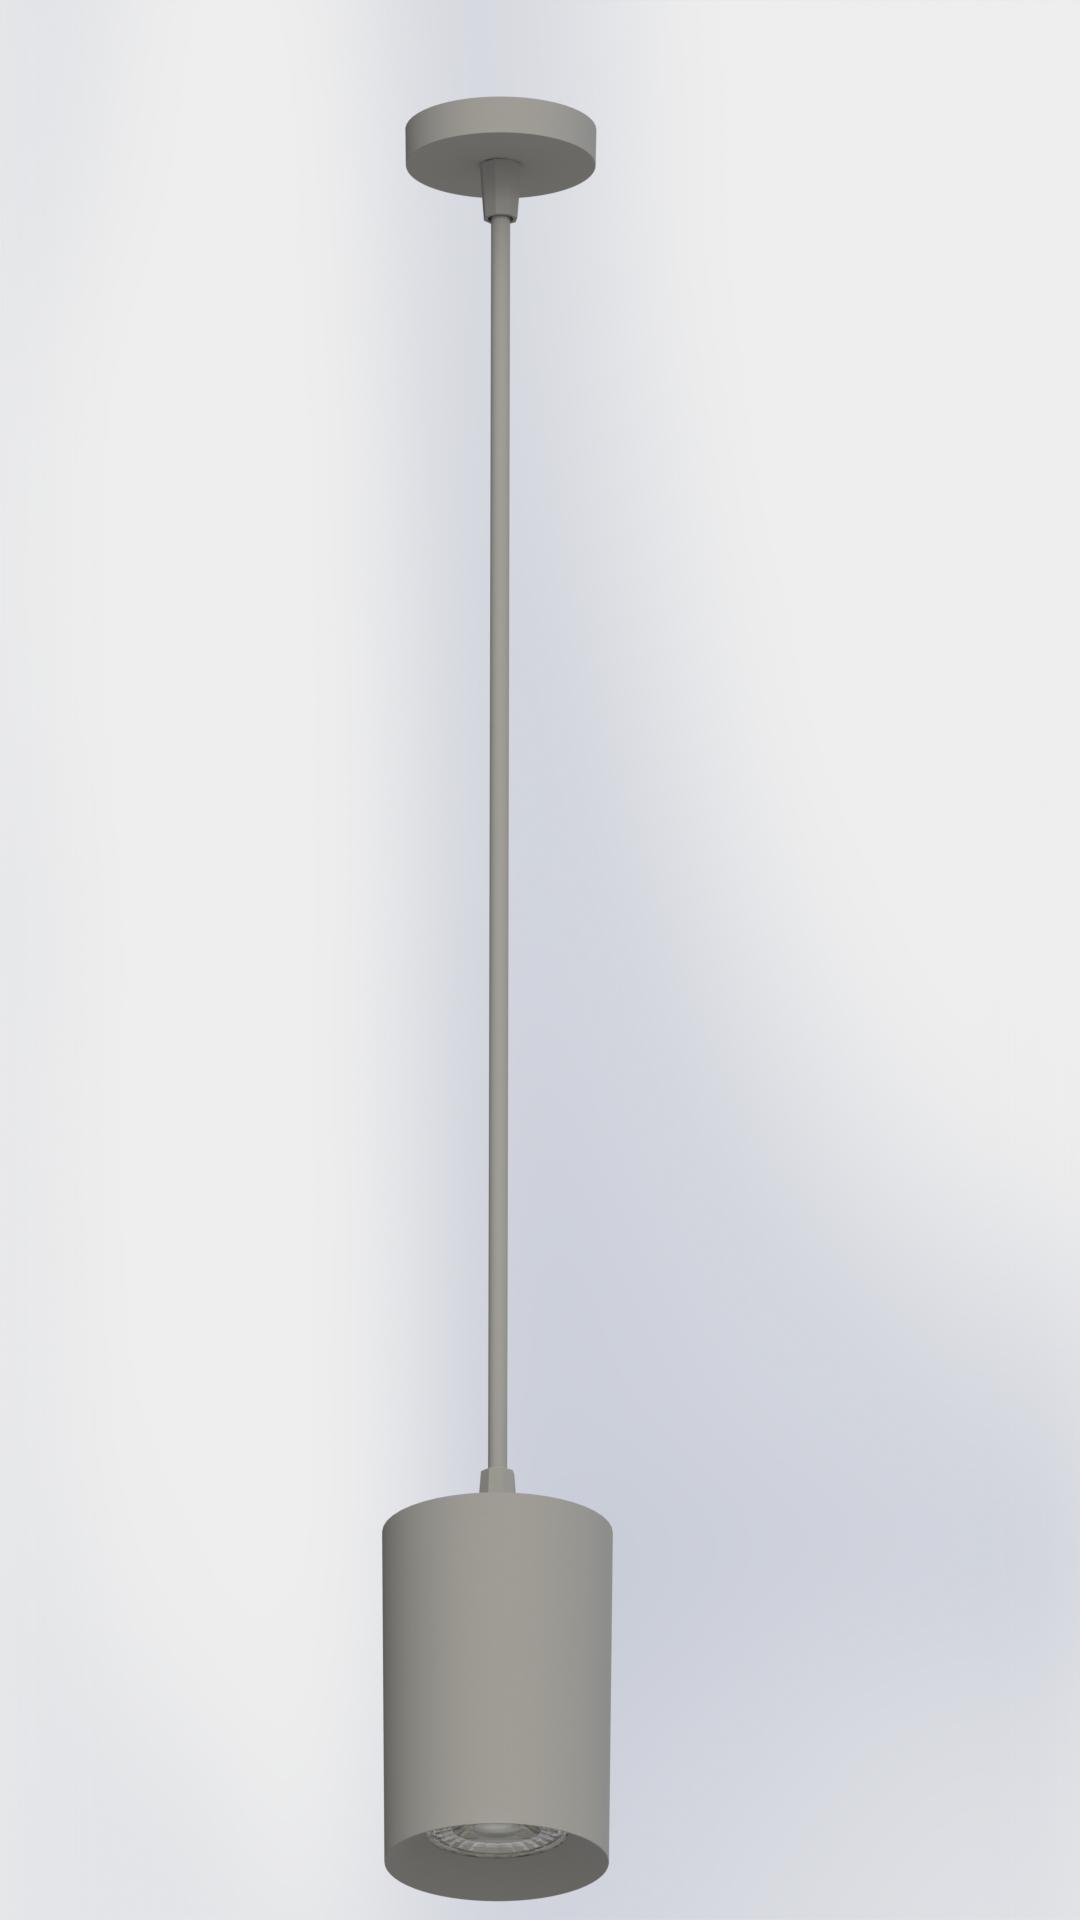 PLAFON TOWER PENDENTE REDONDO FACE RECUADA